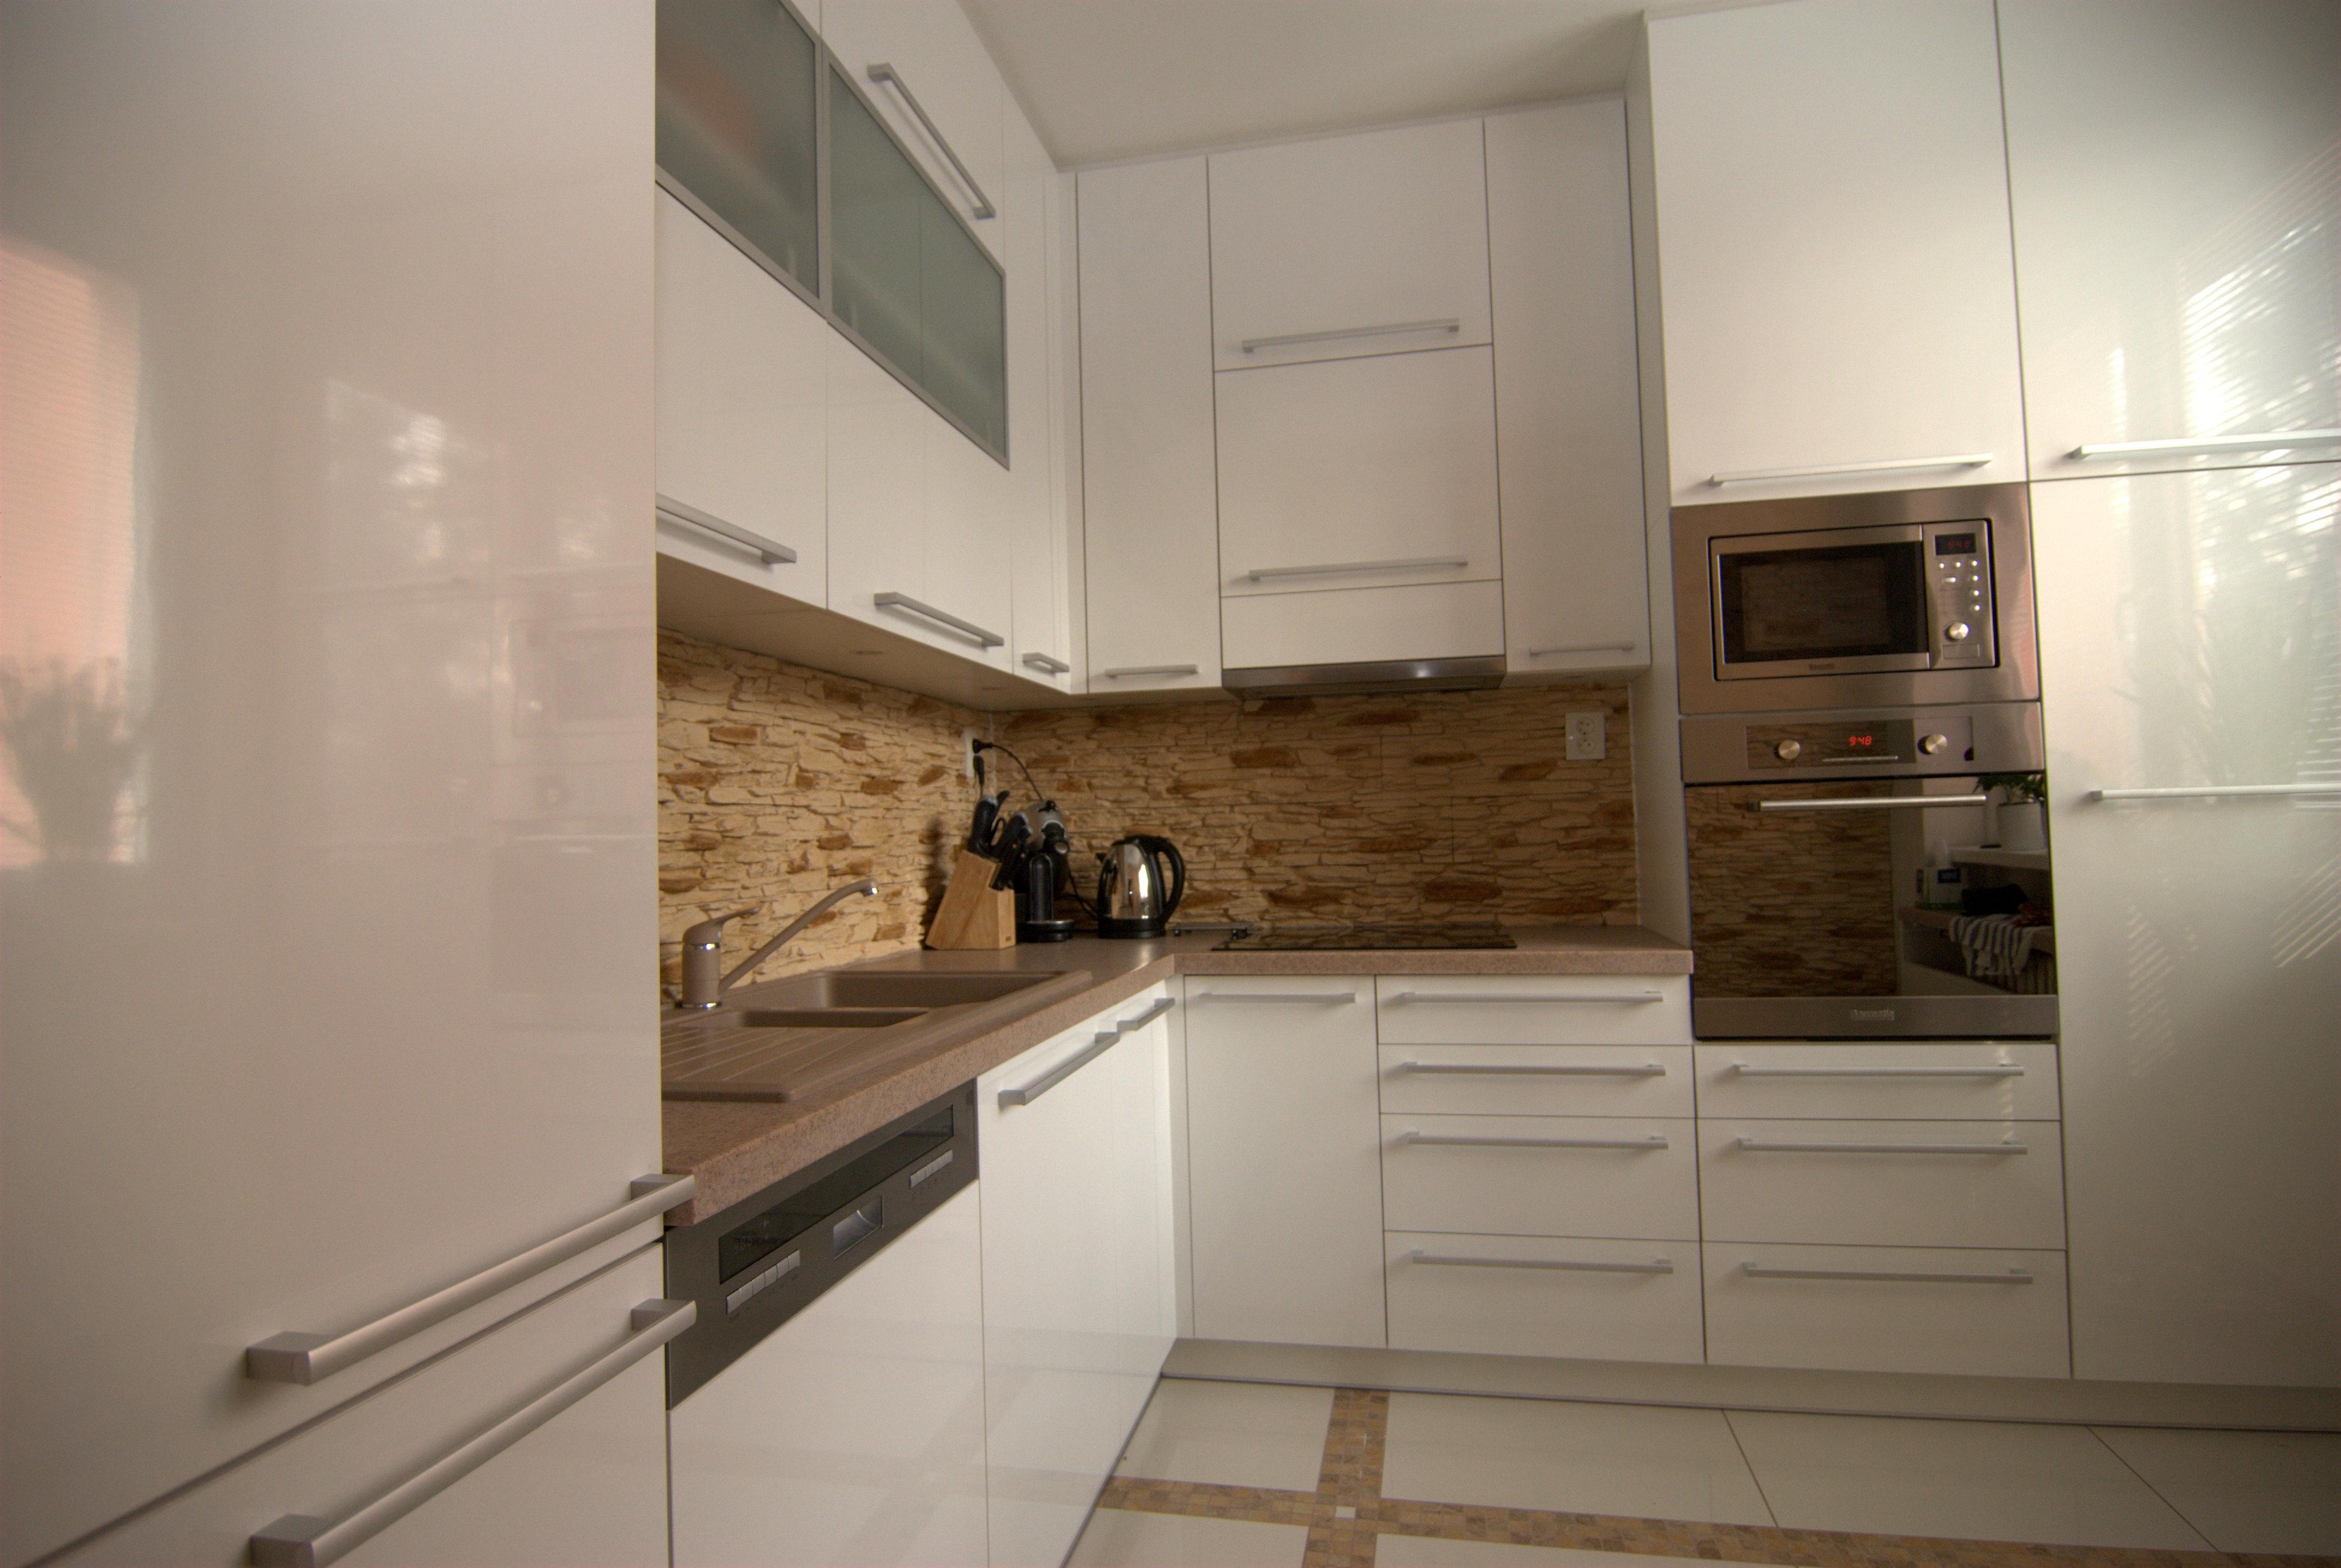 Ascherova kuchyn 2.jpg